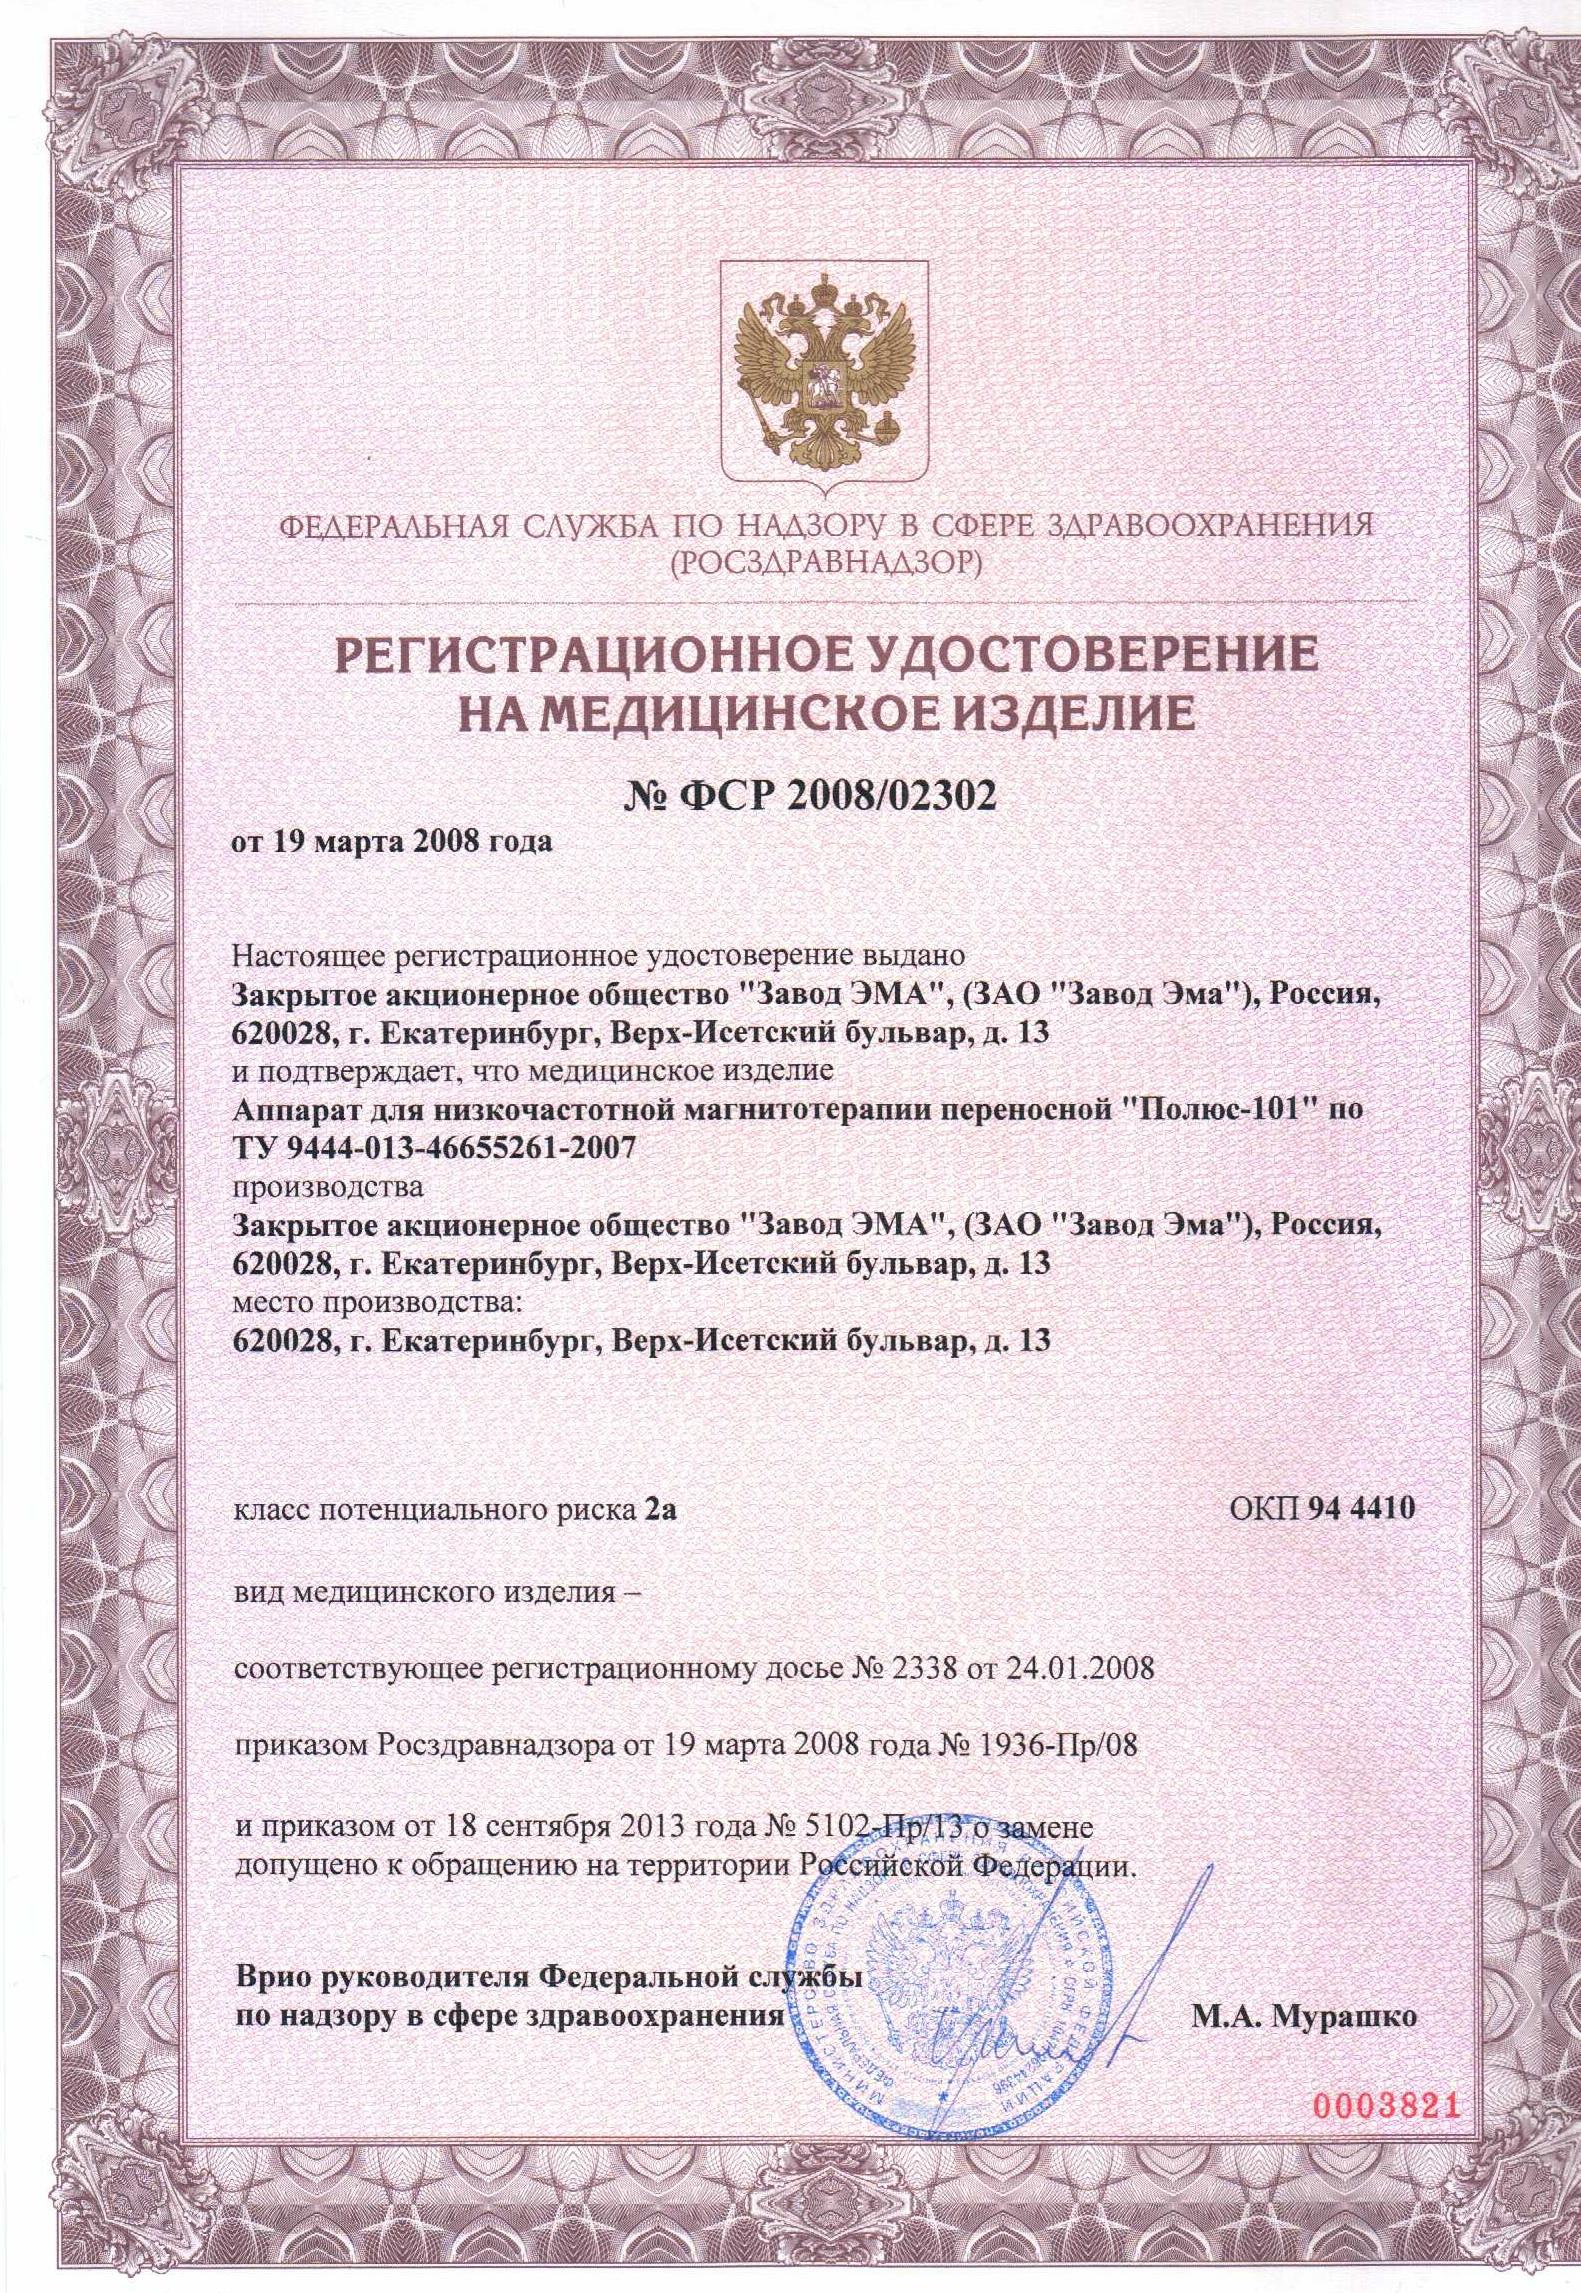 Регистрационное удостоверение на аппарат Полюс-101